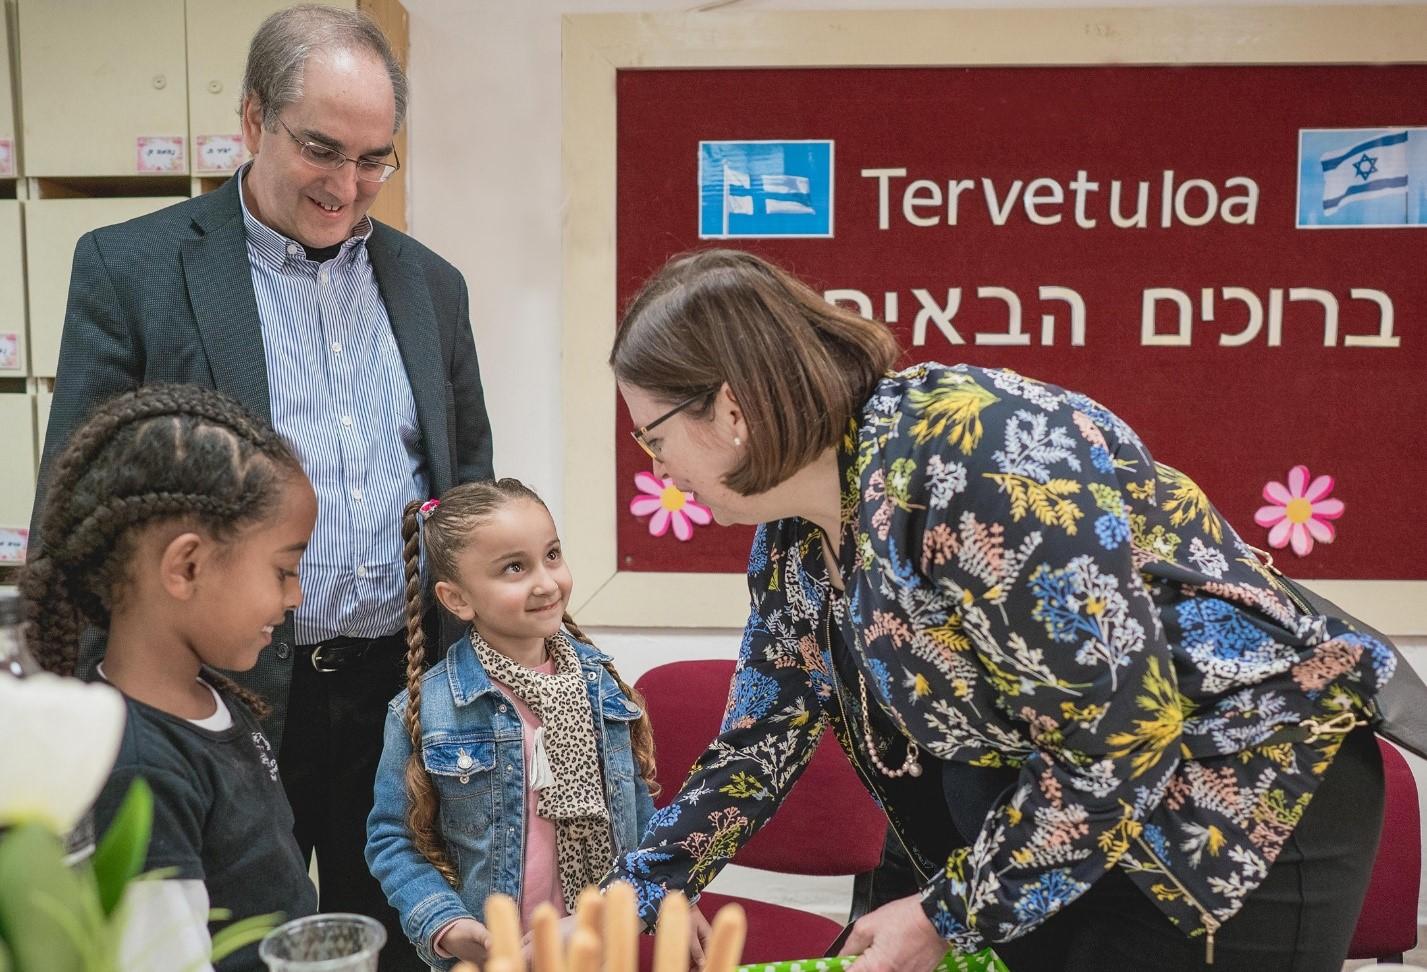 Professori Marja-Kristiina Lerkkanen vieraili vuonna 2018 Israelin koulutusinnovaatiokeskuksen projektikouluissa ja oli vaikuttunut siitä, miten keskus kouluttaa maahanmuuttajalasten perheitä tukemaan lastensa koulunkäyntiä uudessa kotimaassa